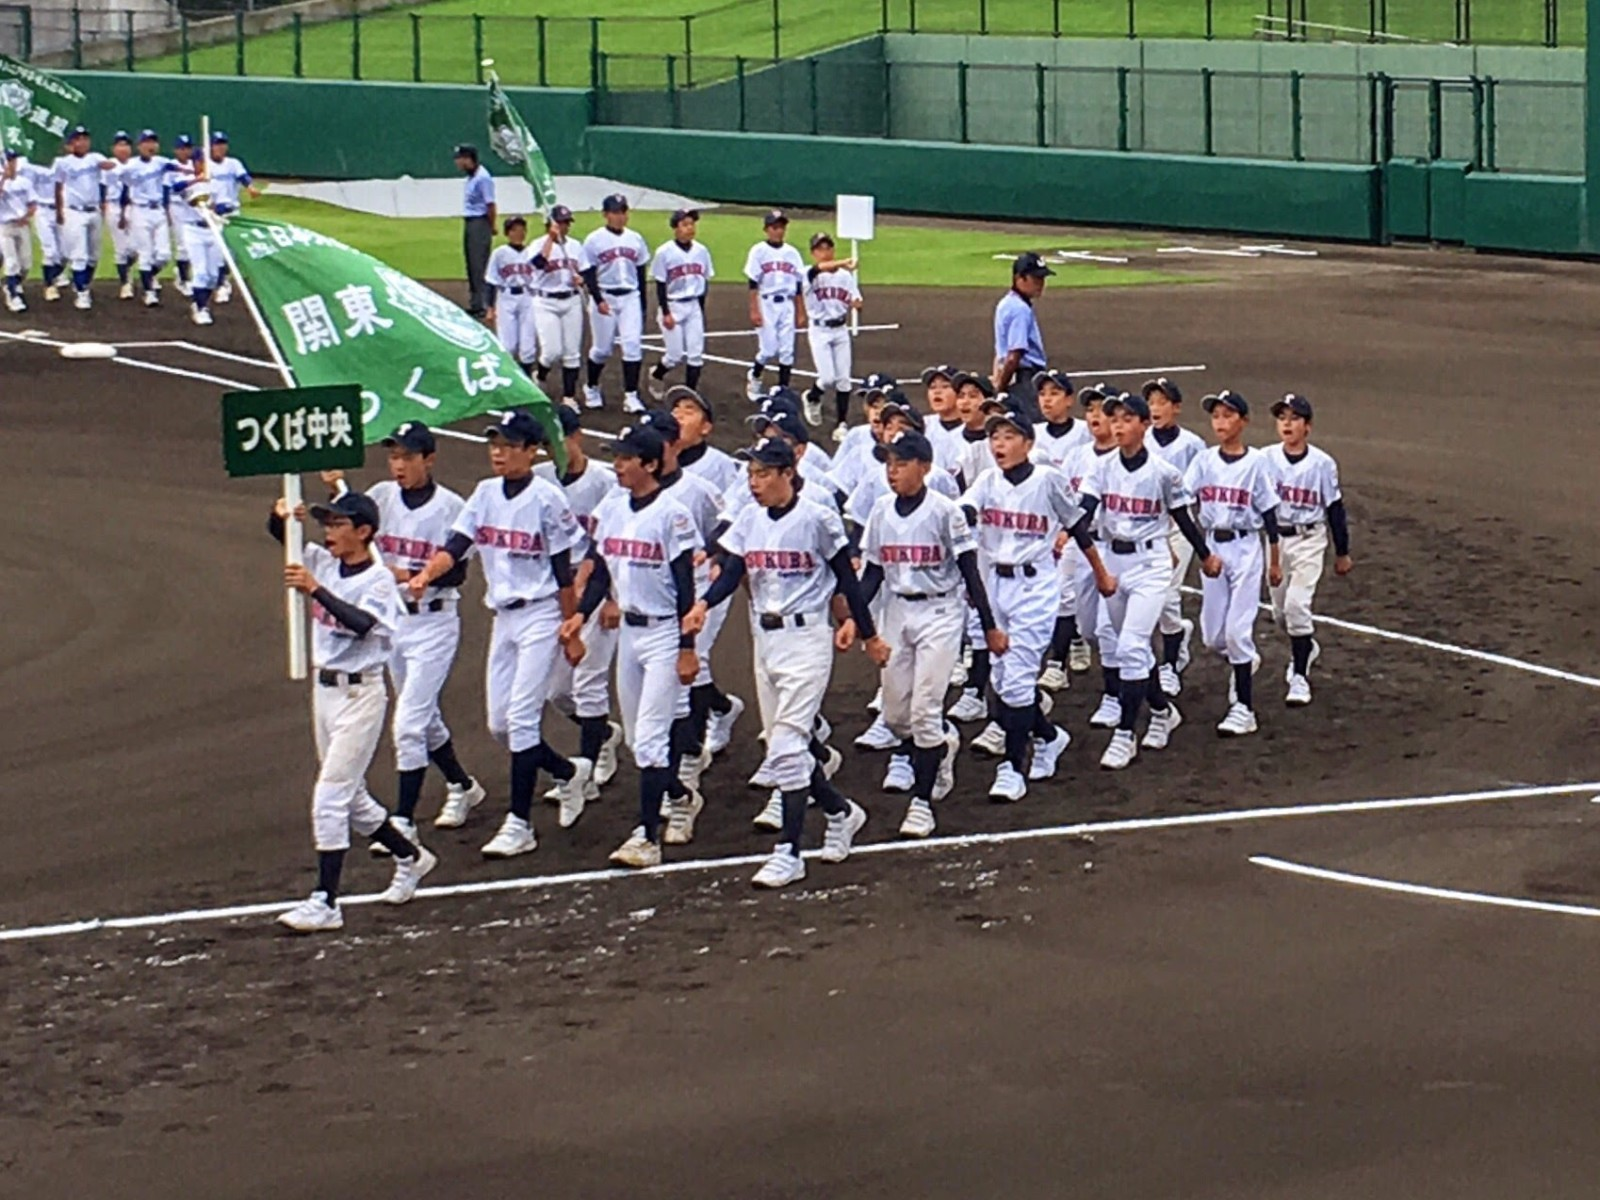 2016.08.28 2016ミズノ旗杯東関東支部秋季大会 開会式 02